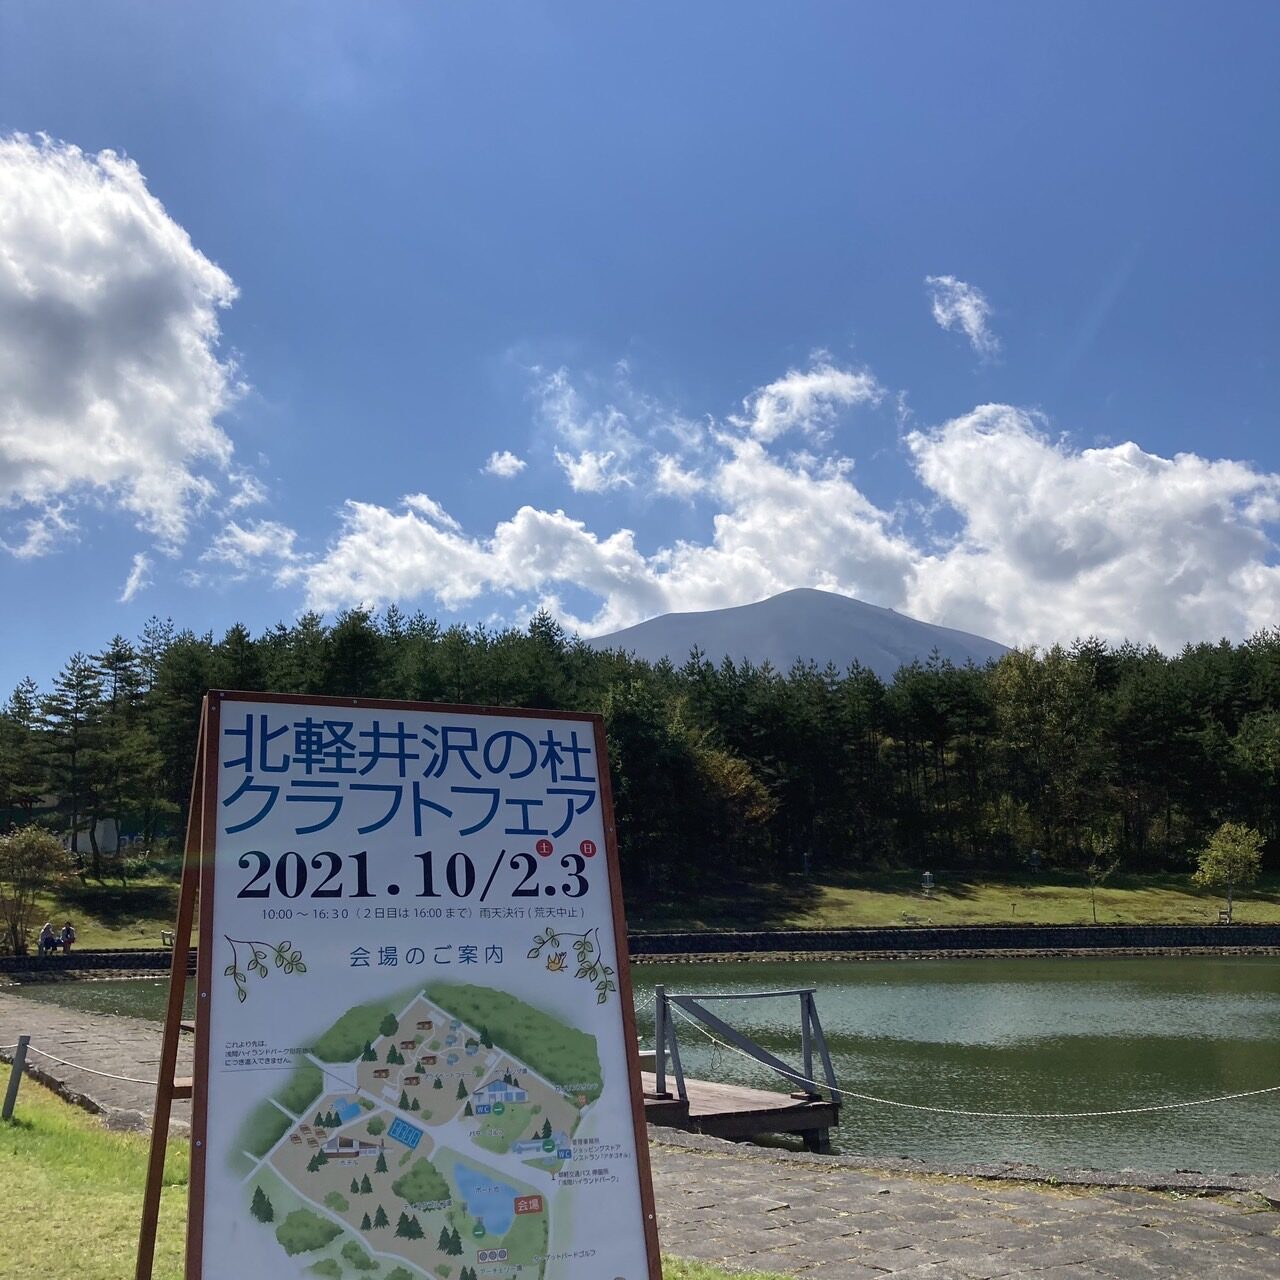 北軽井沢の杜クラフトフェア